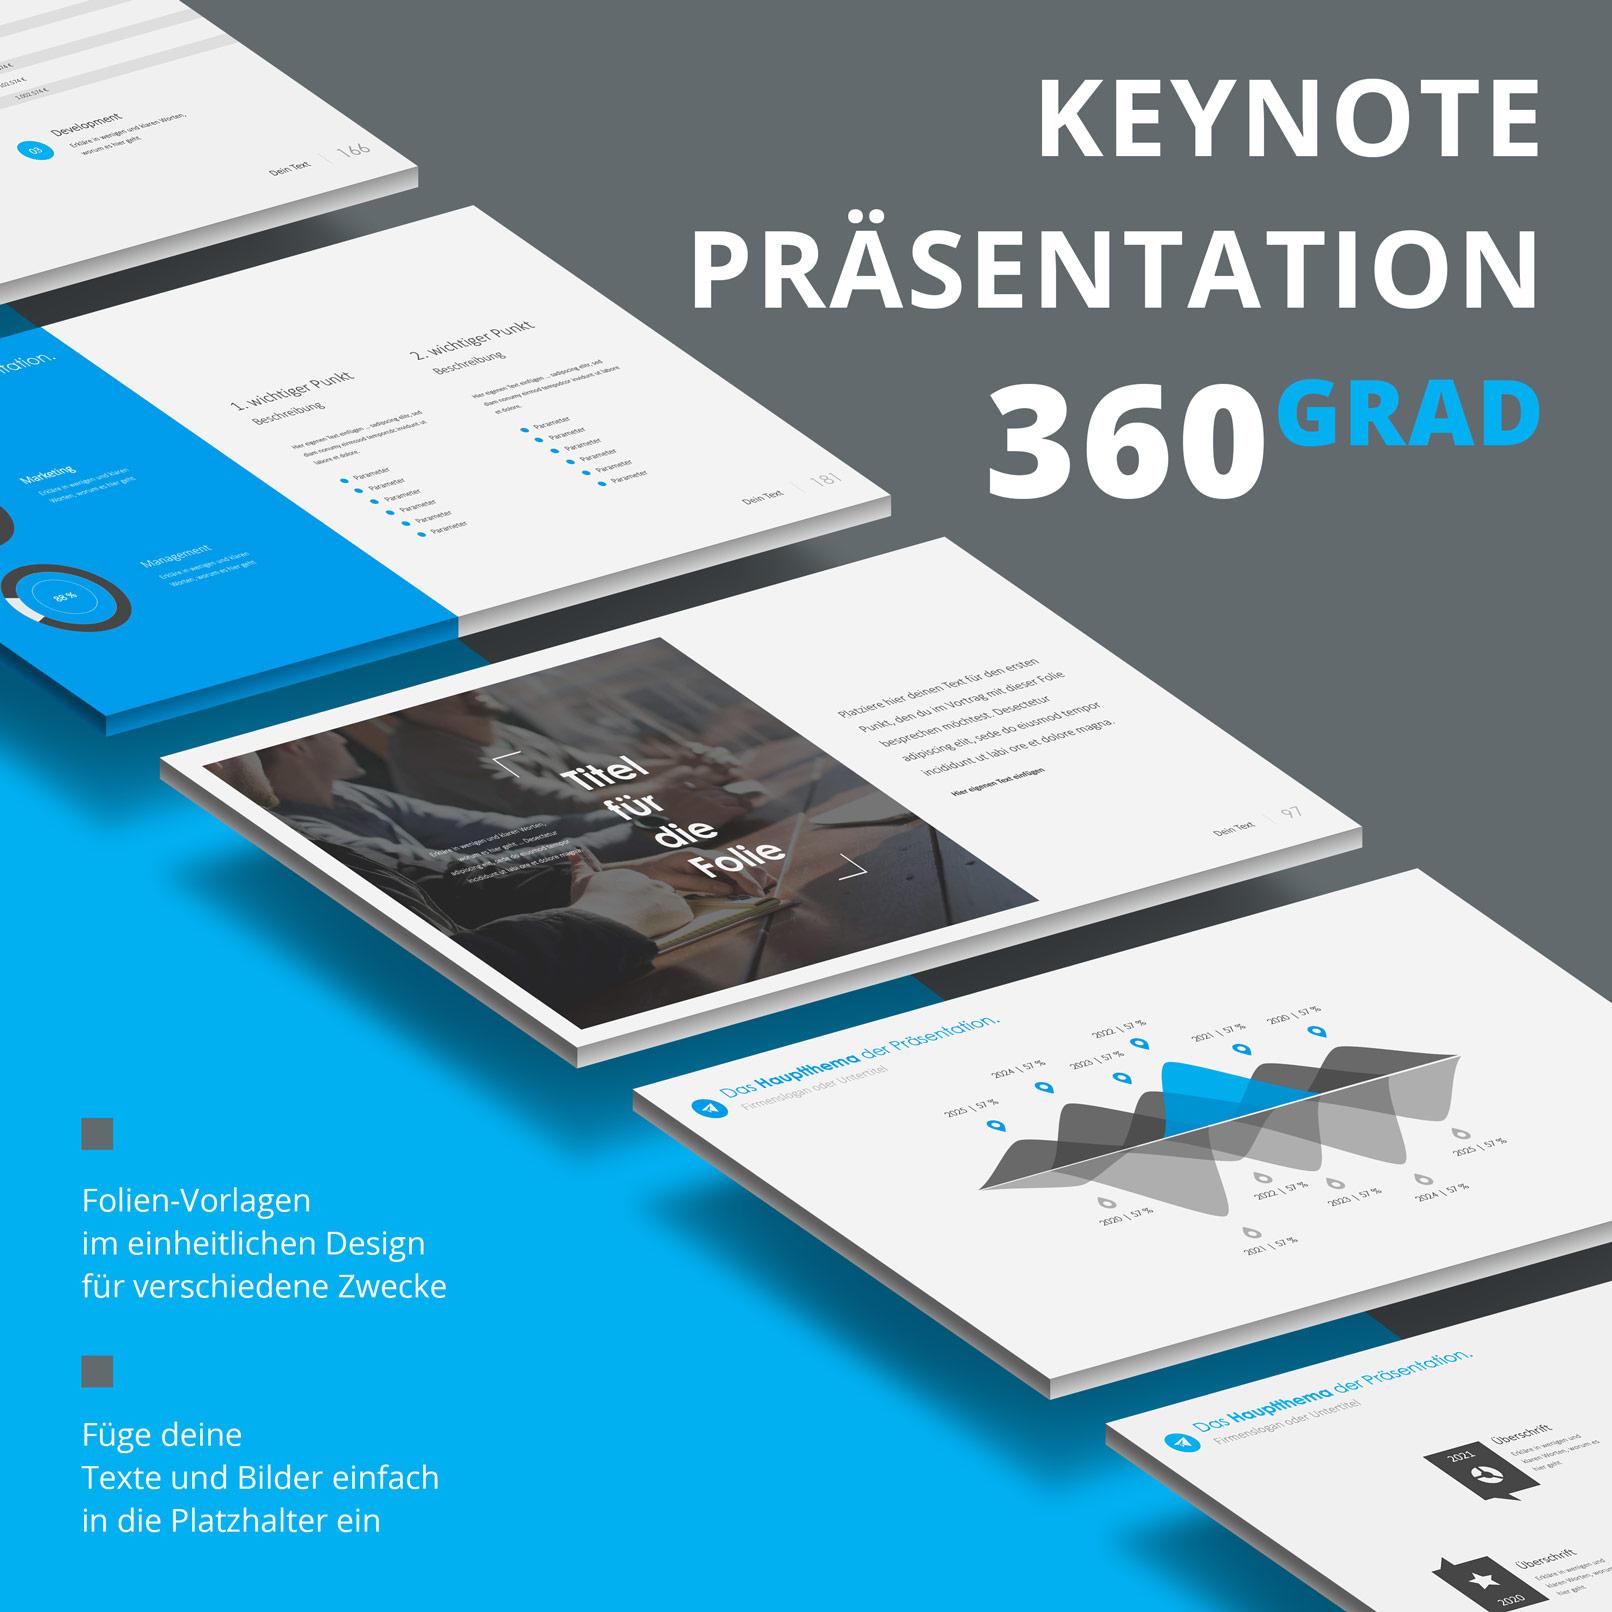 Vorlage für Keynote-Präsentationen: Zusammenfassung der Features